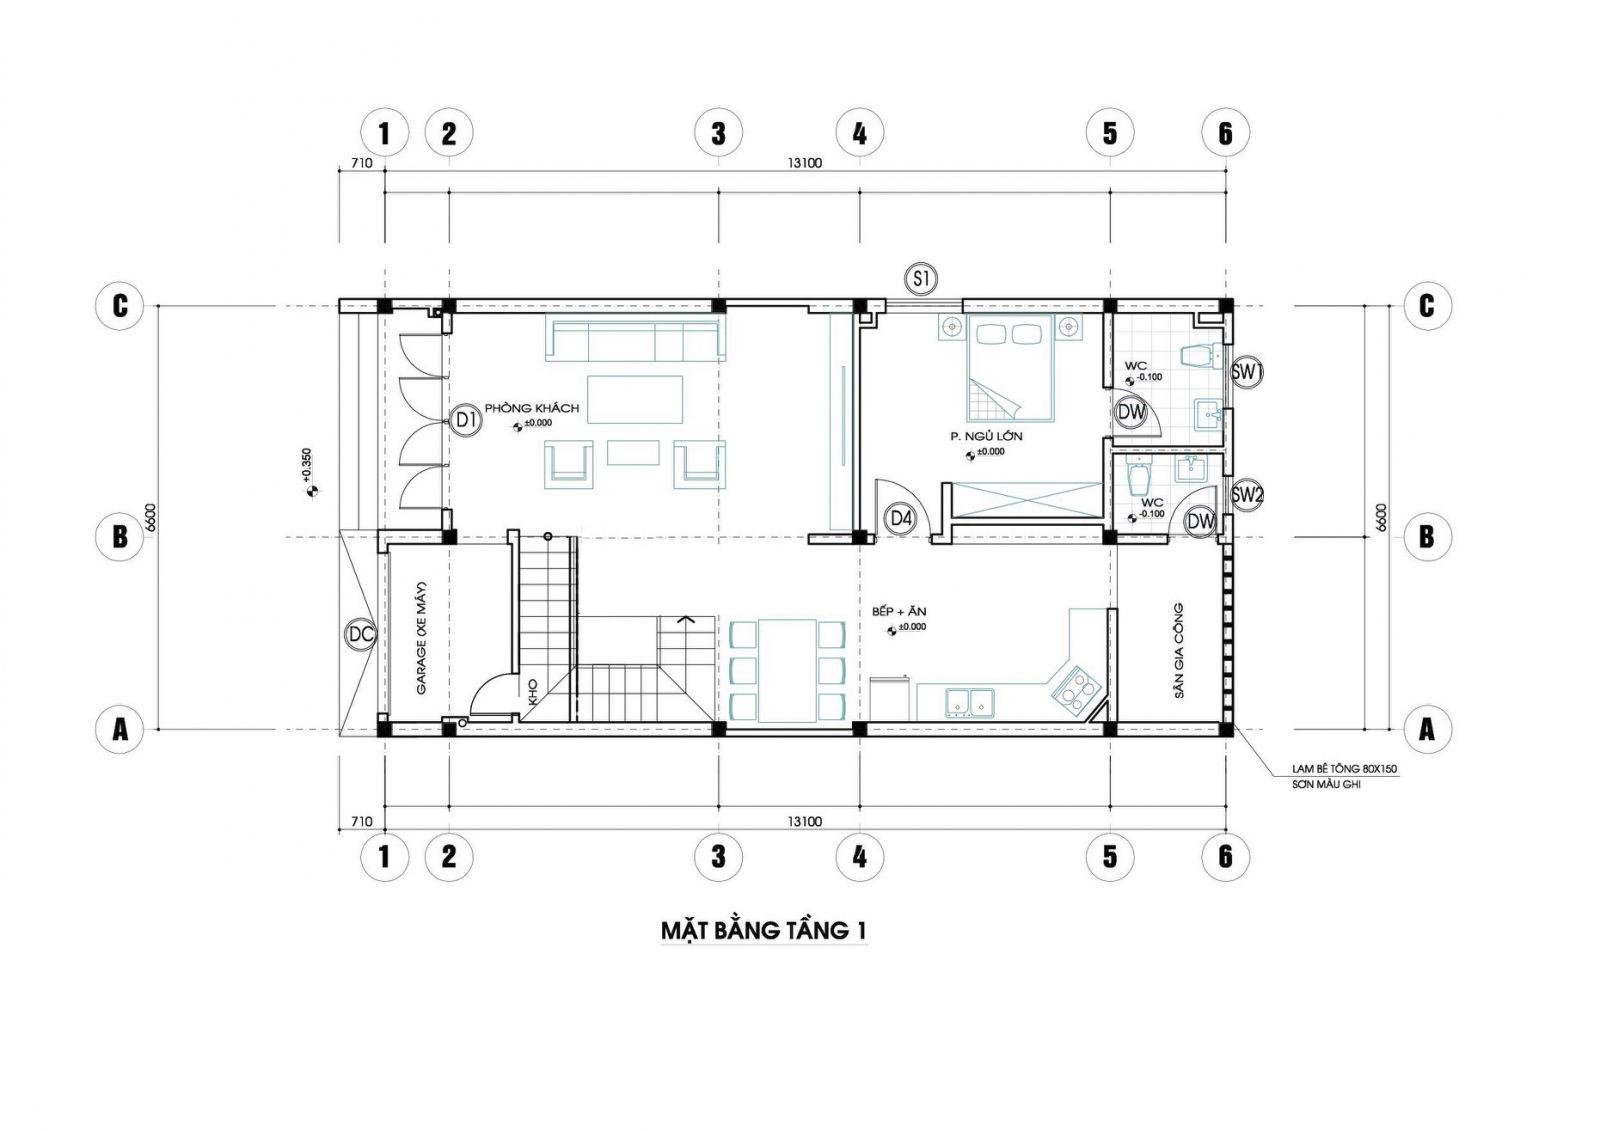 Mặt bằng tầng 1 mẫu nhà đẹp 2 tầng 3 phòng ngủ